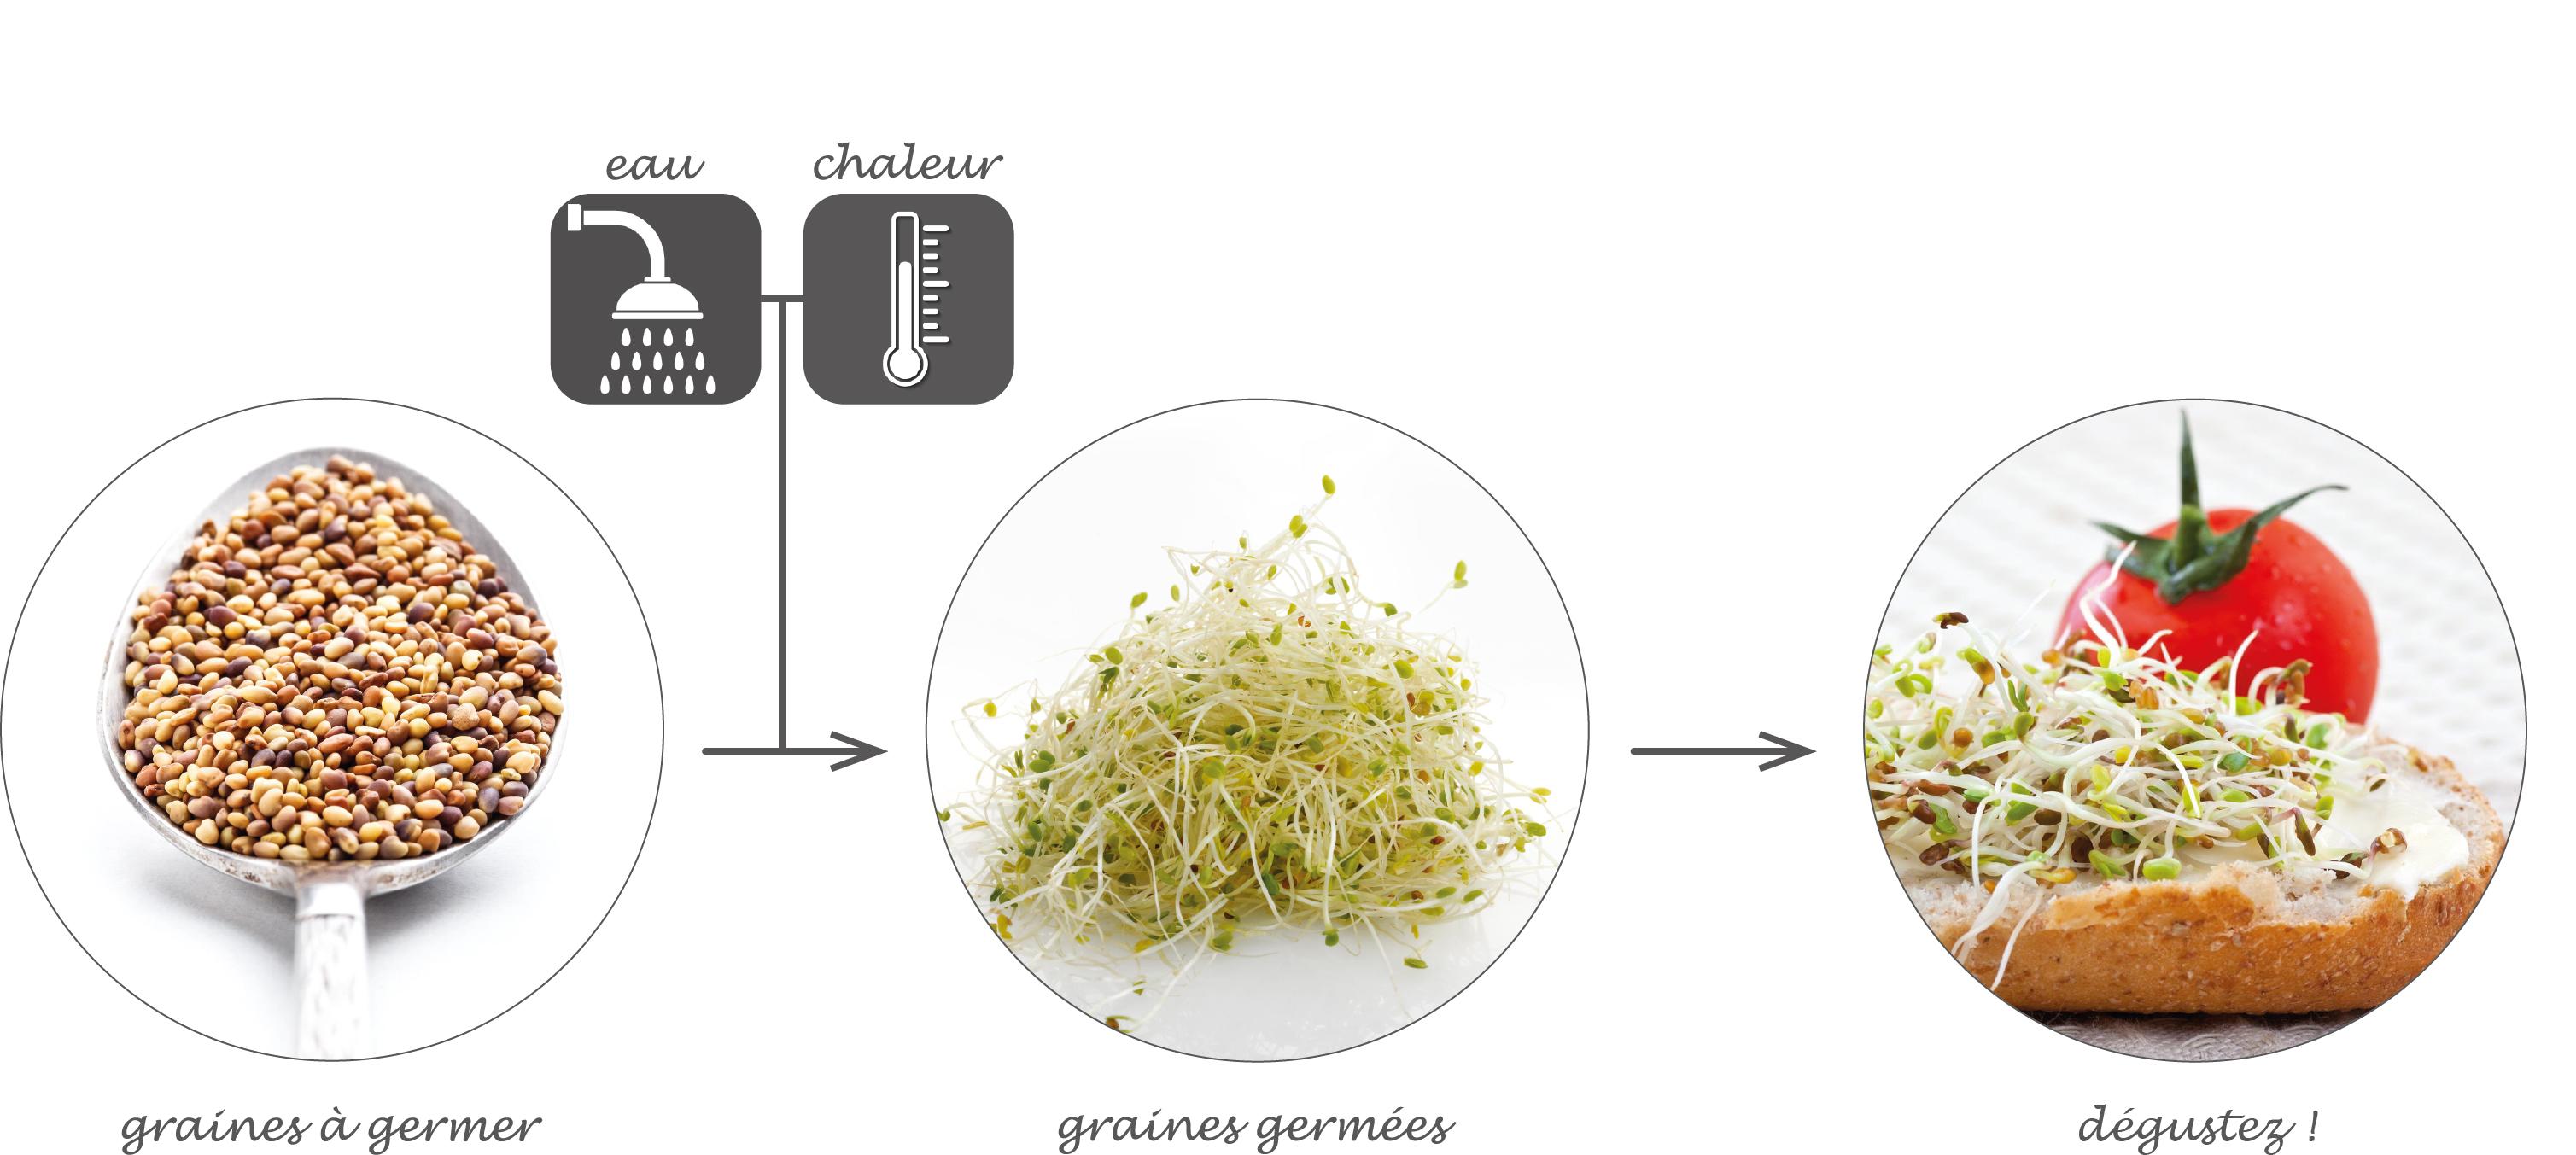 La germination selon Germline